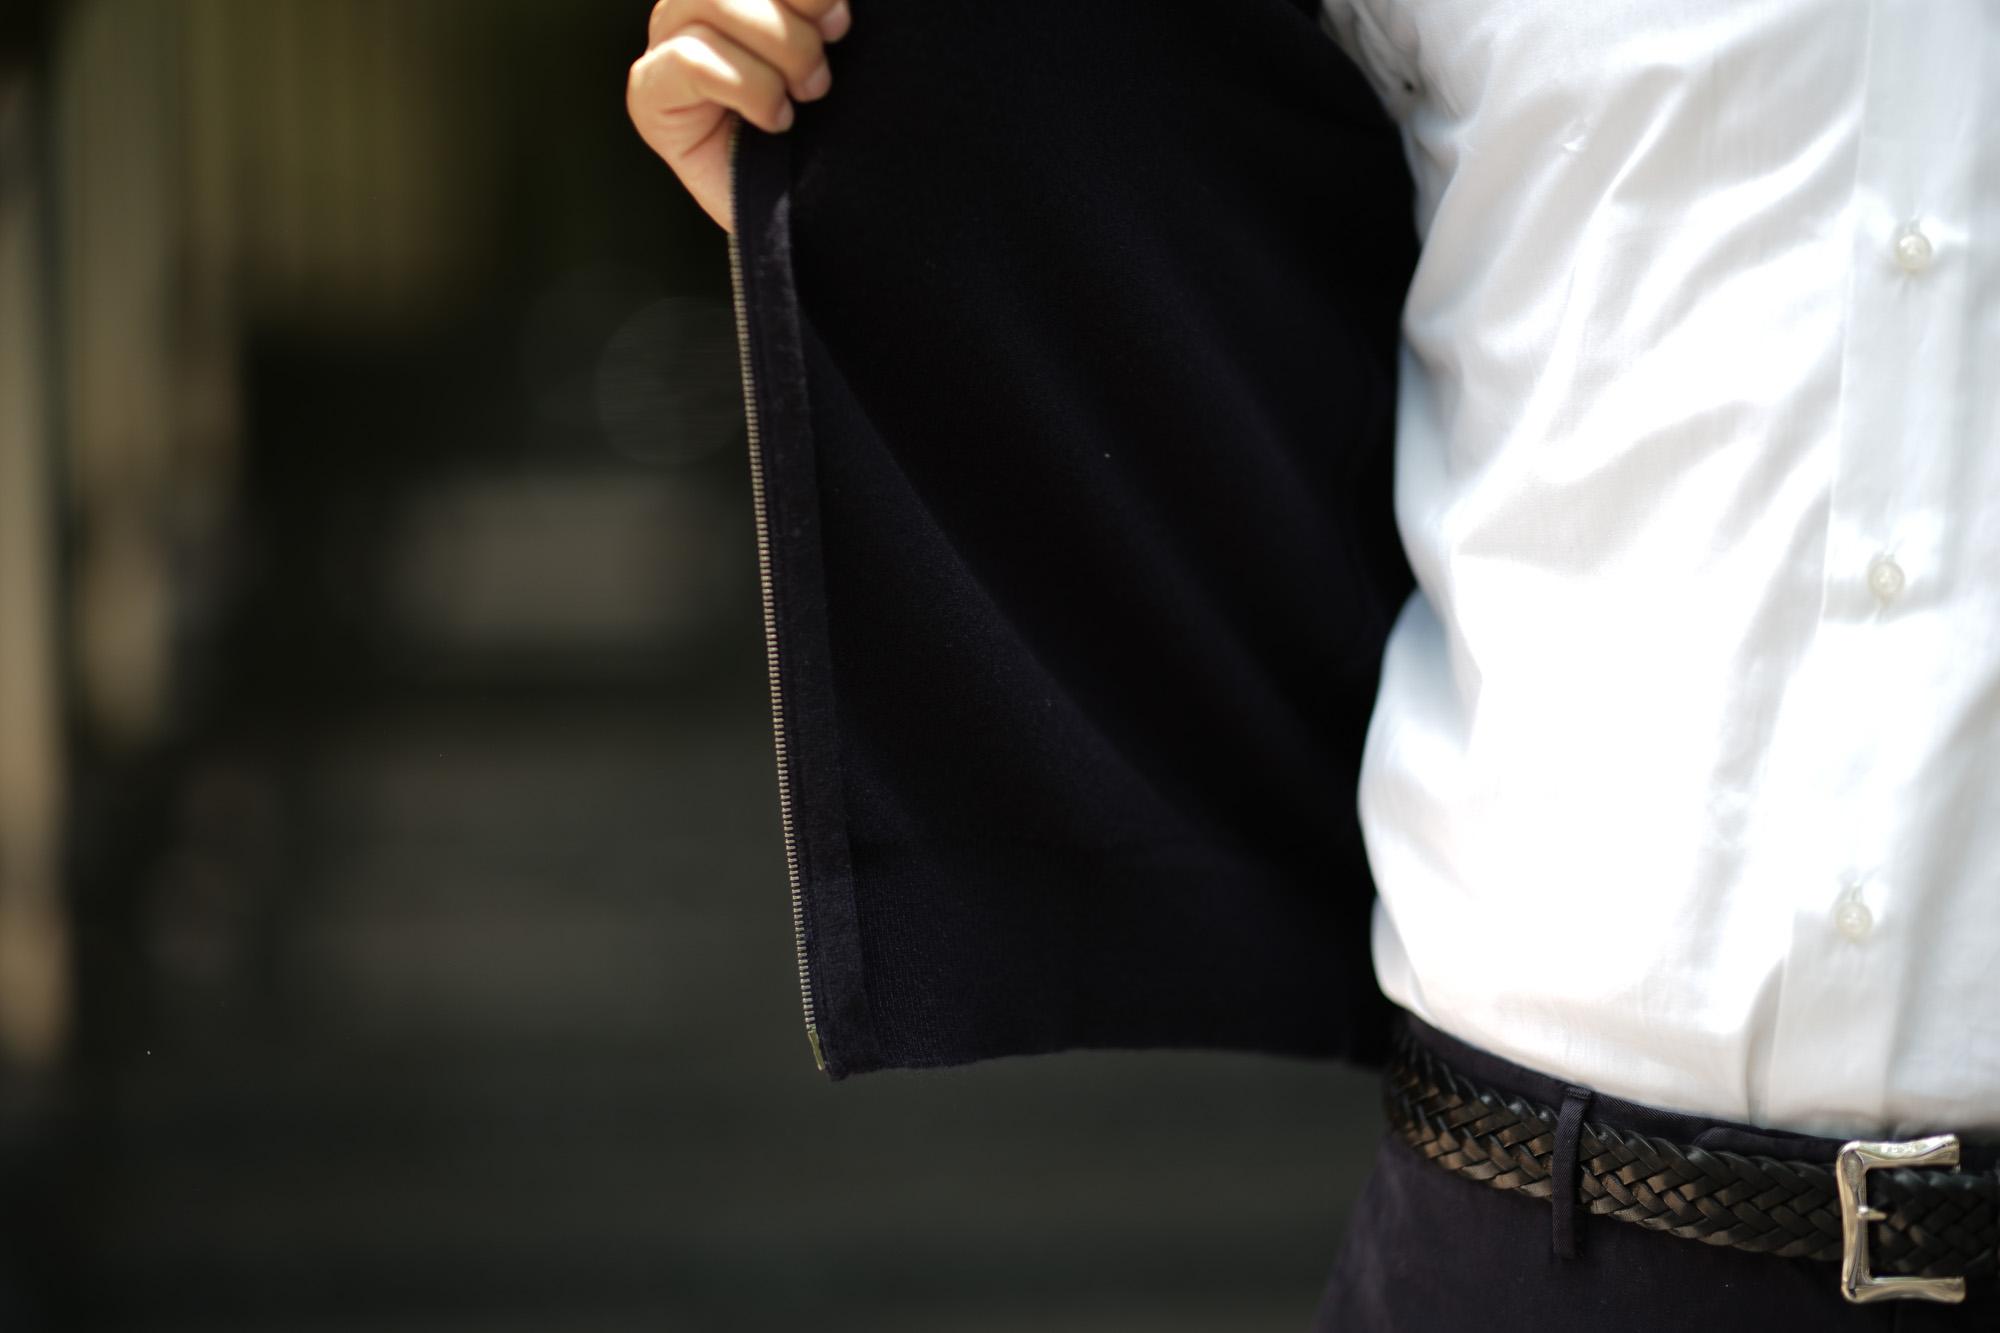 Cruciani (クルチアーニ) Cashmere Zip Up Cardigan (カシミヤ ジップアップ カーディガン) Cashmere 100% ハイゲージ カシミヤニット カーディガン NAVY (ネイビー・201473) made in italy (イタリア製) 2018 秋冬新作 愛知 名古屋 Alto e Diritto アルト エ デリット alto e diritto アルトエデリット